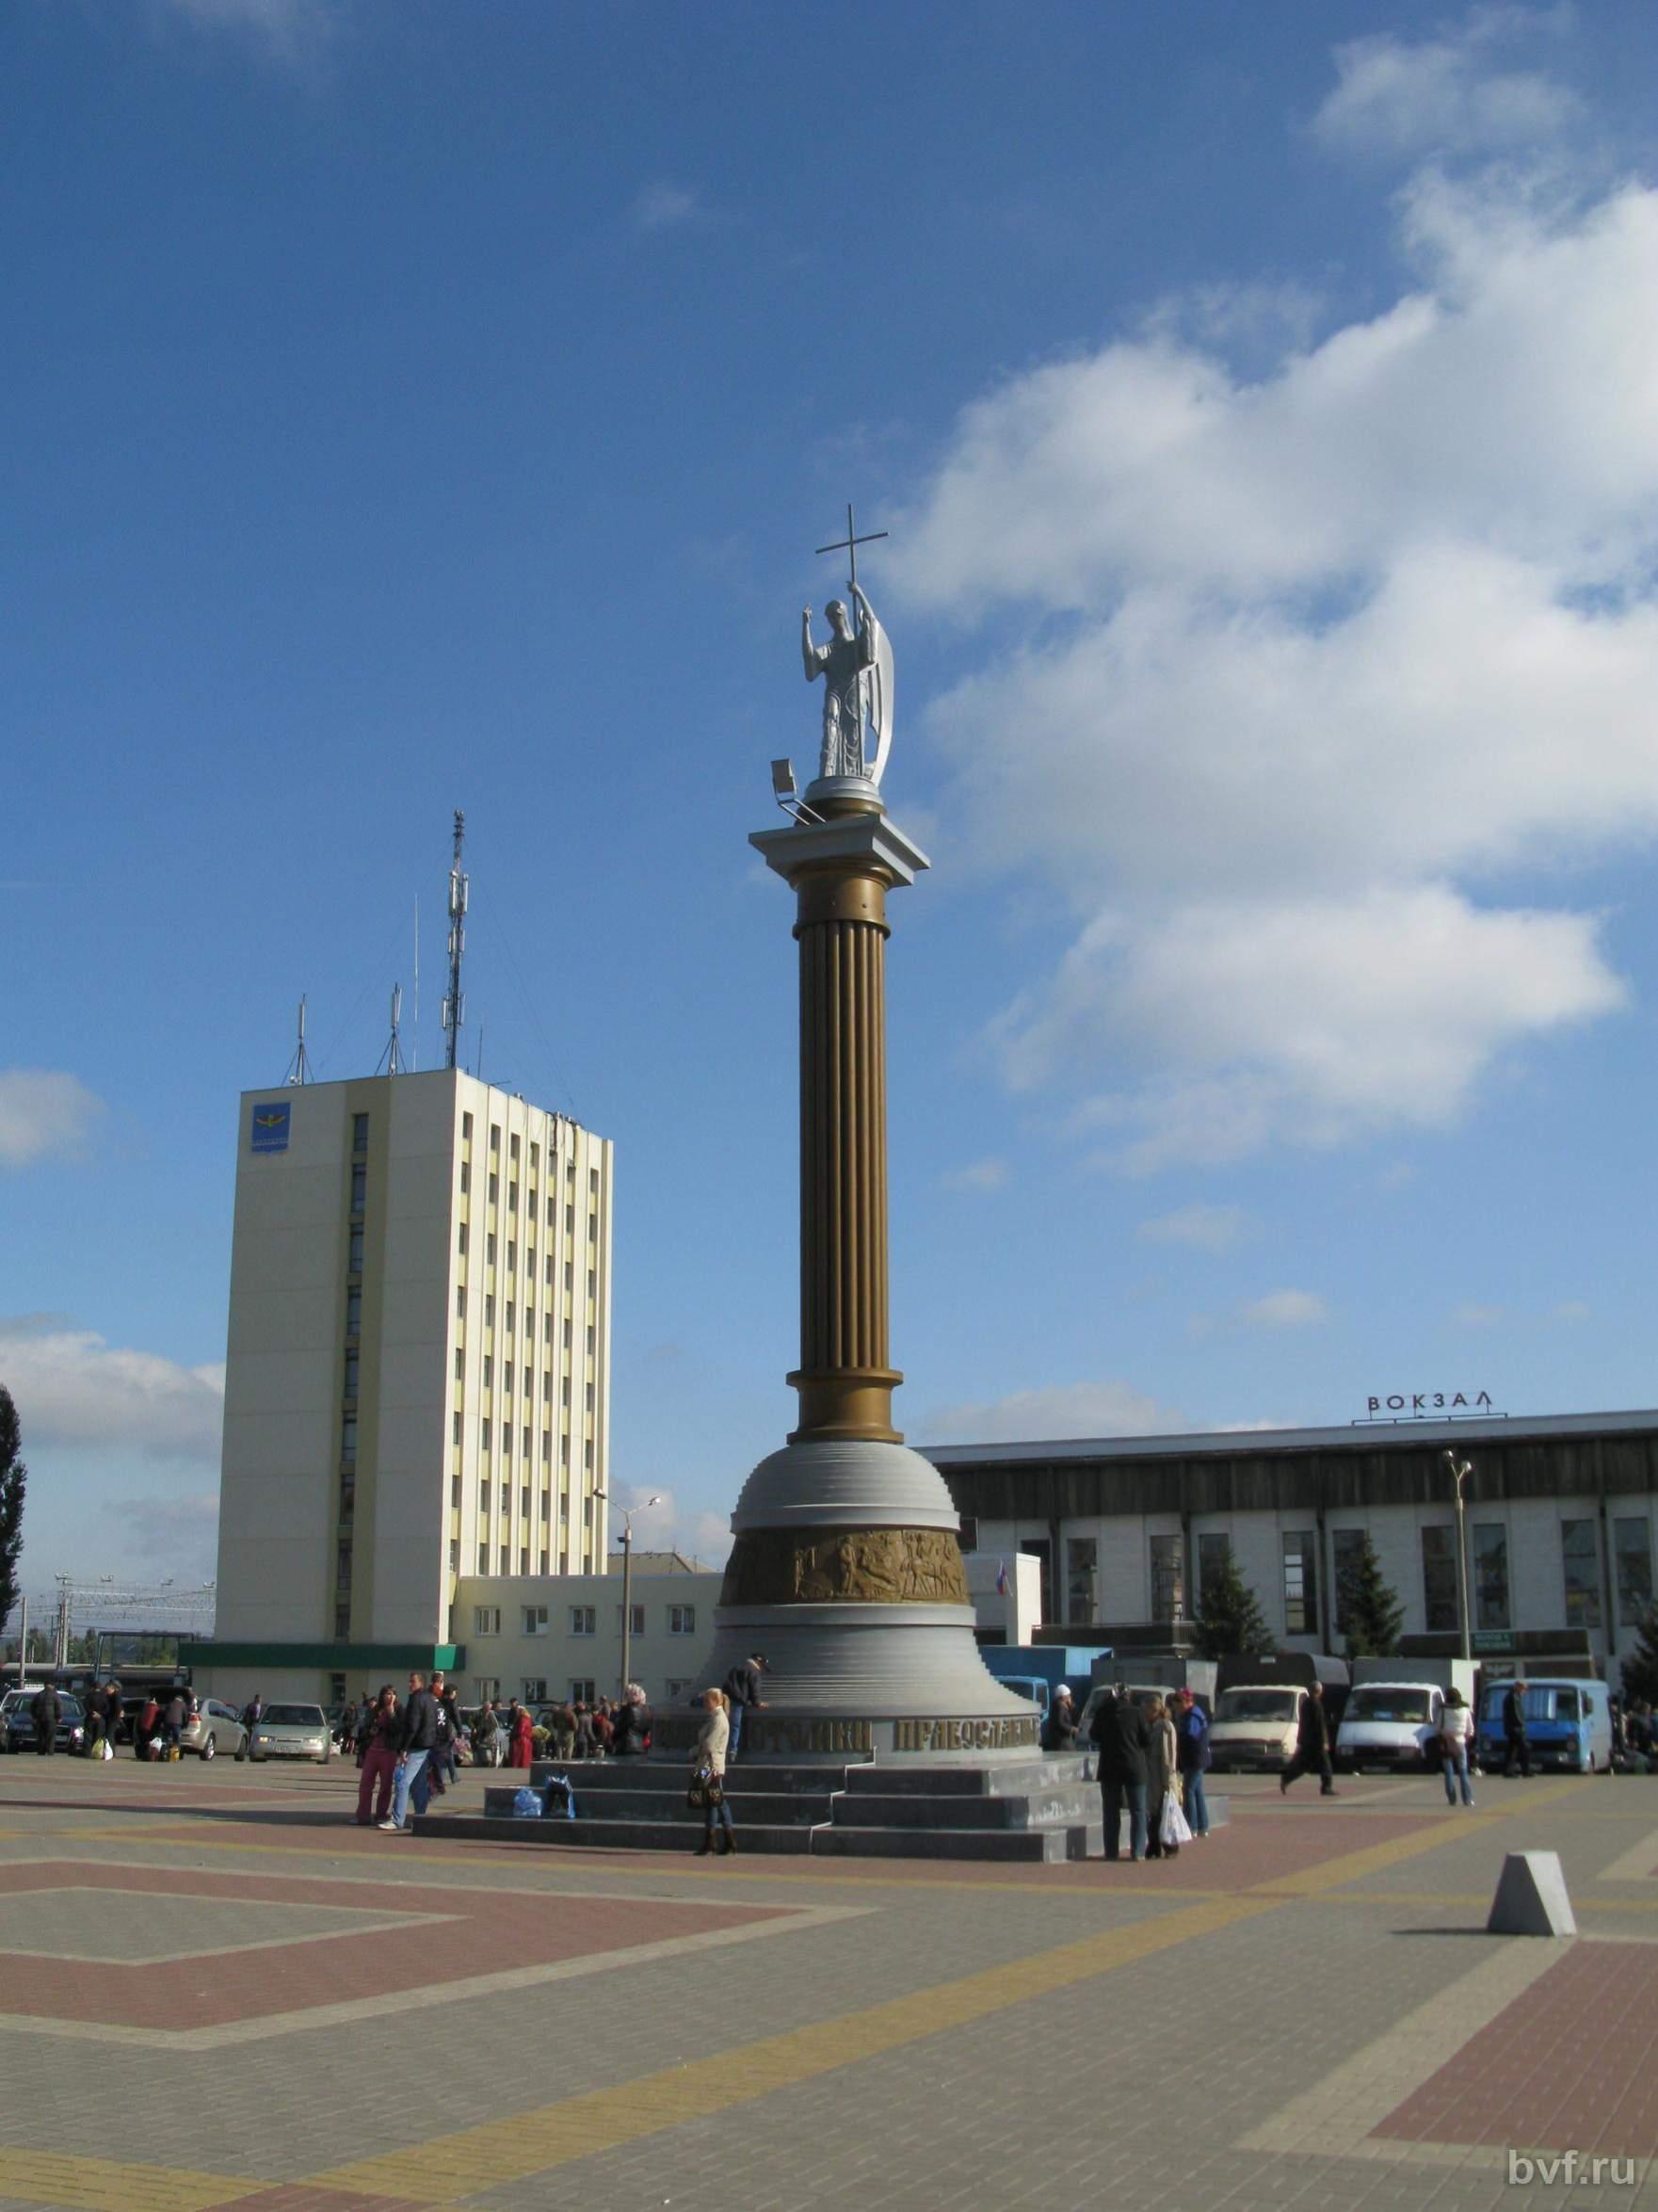 Нажмите на изображение для увеличения Название: Лиски Ангел на вокзальной площади.jpg Просмотров: 20 Размер:221.7 Кб ID:1693509